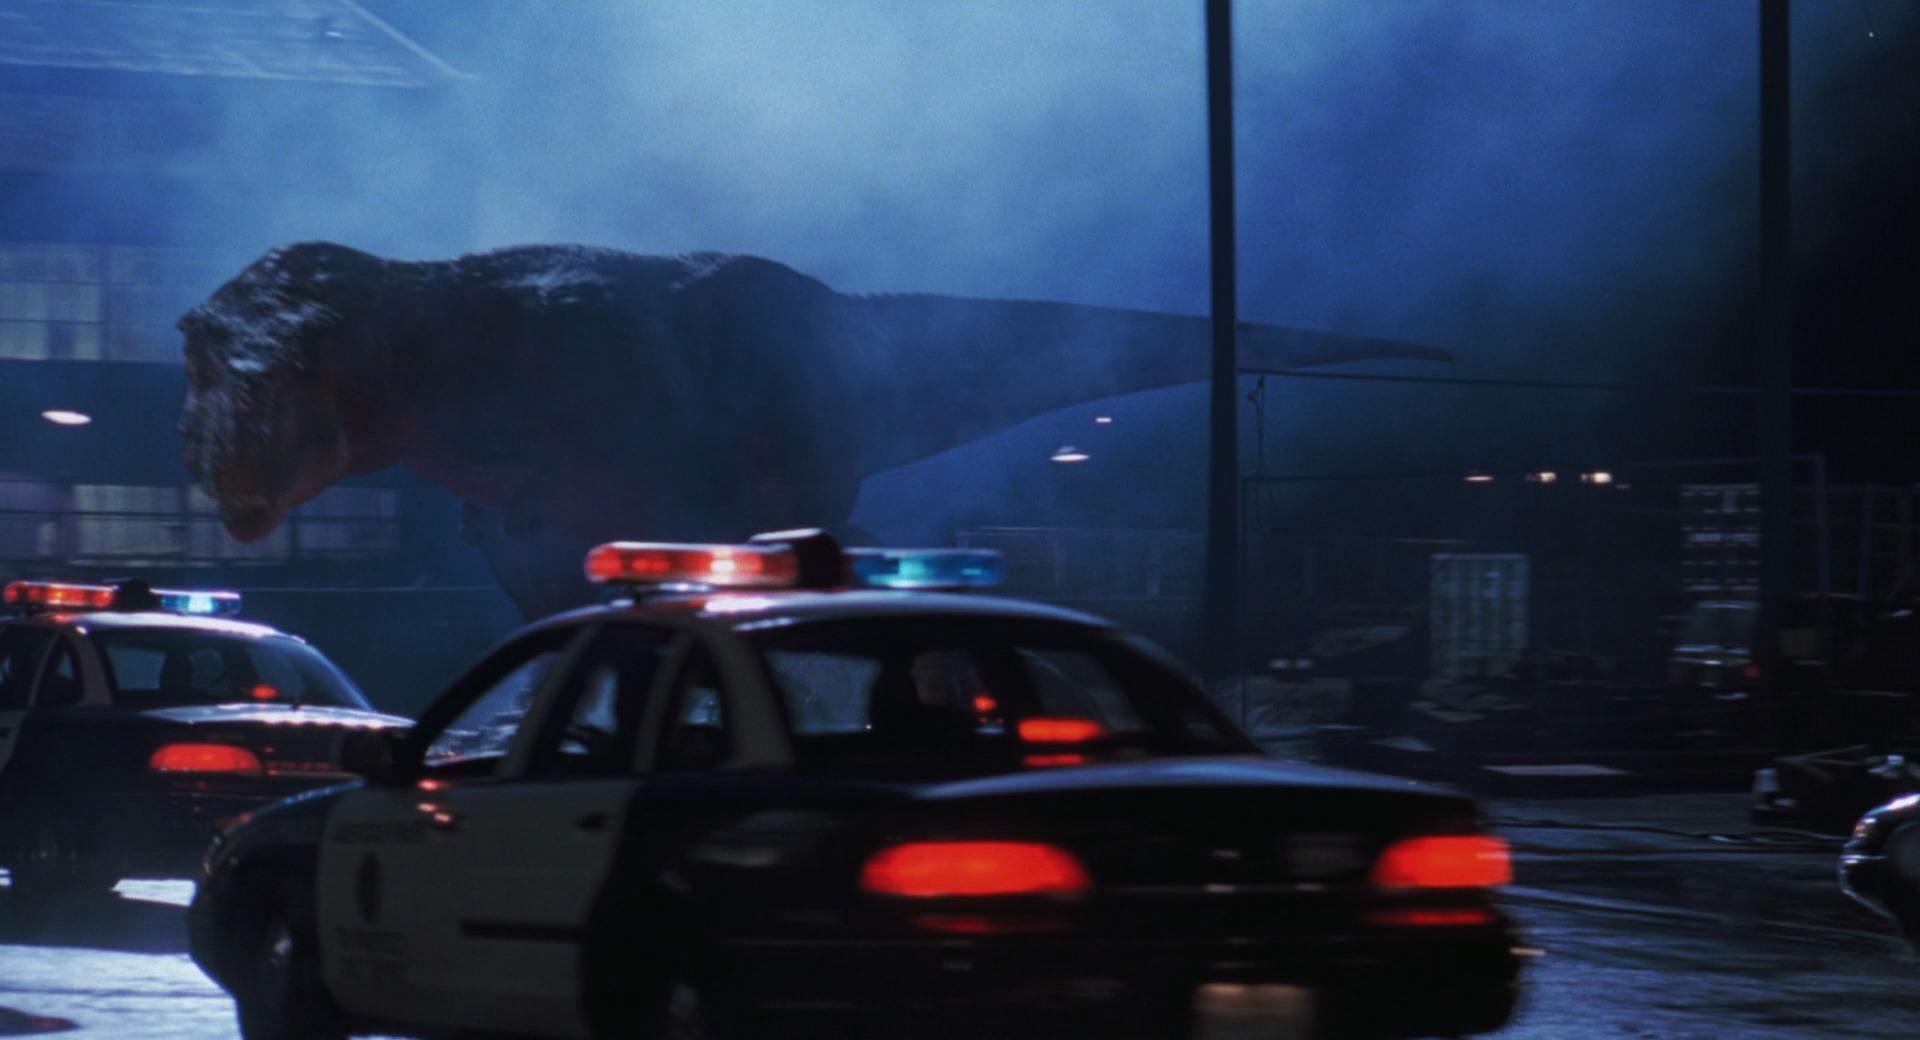 The Lost World Jurassic Park Screencaps are here Jurassic-lost-world-movie-screencaps.com-13610